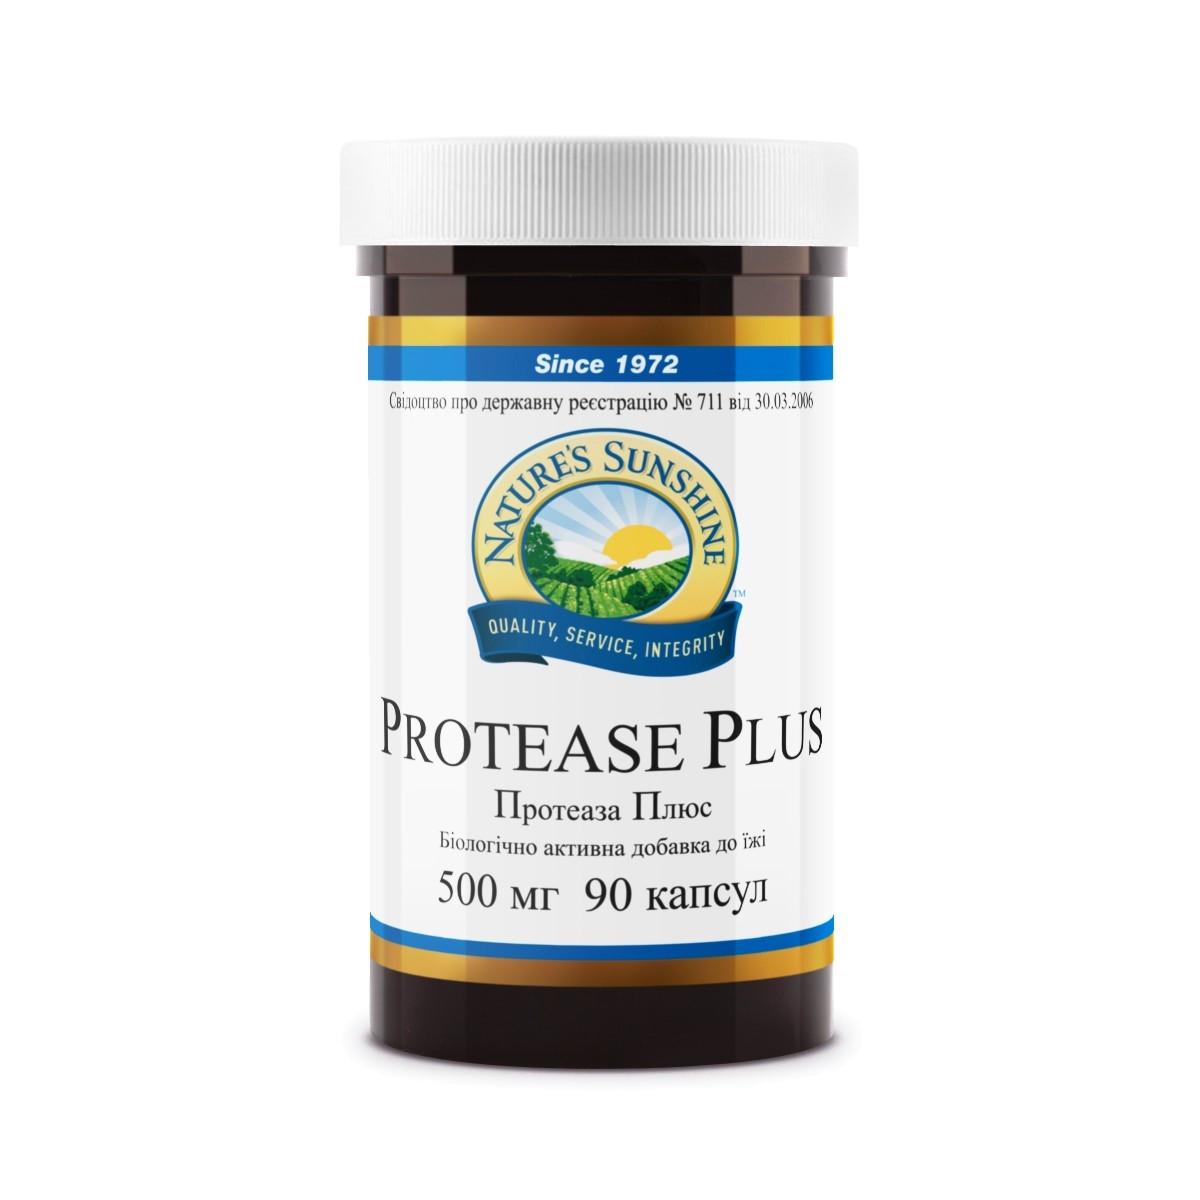 Протеаза плюс бад NSP- протеолетические ферменты расщепляют белки, от полипов.